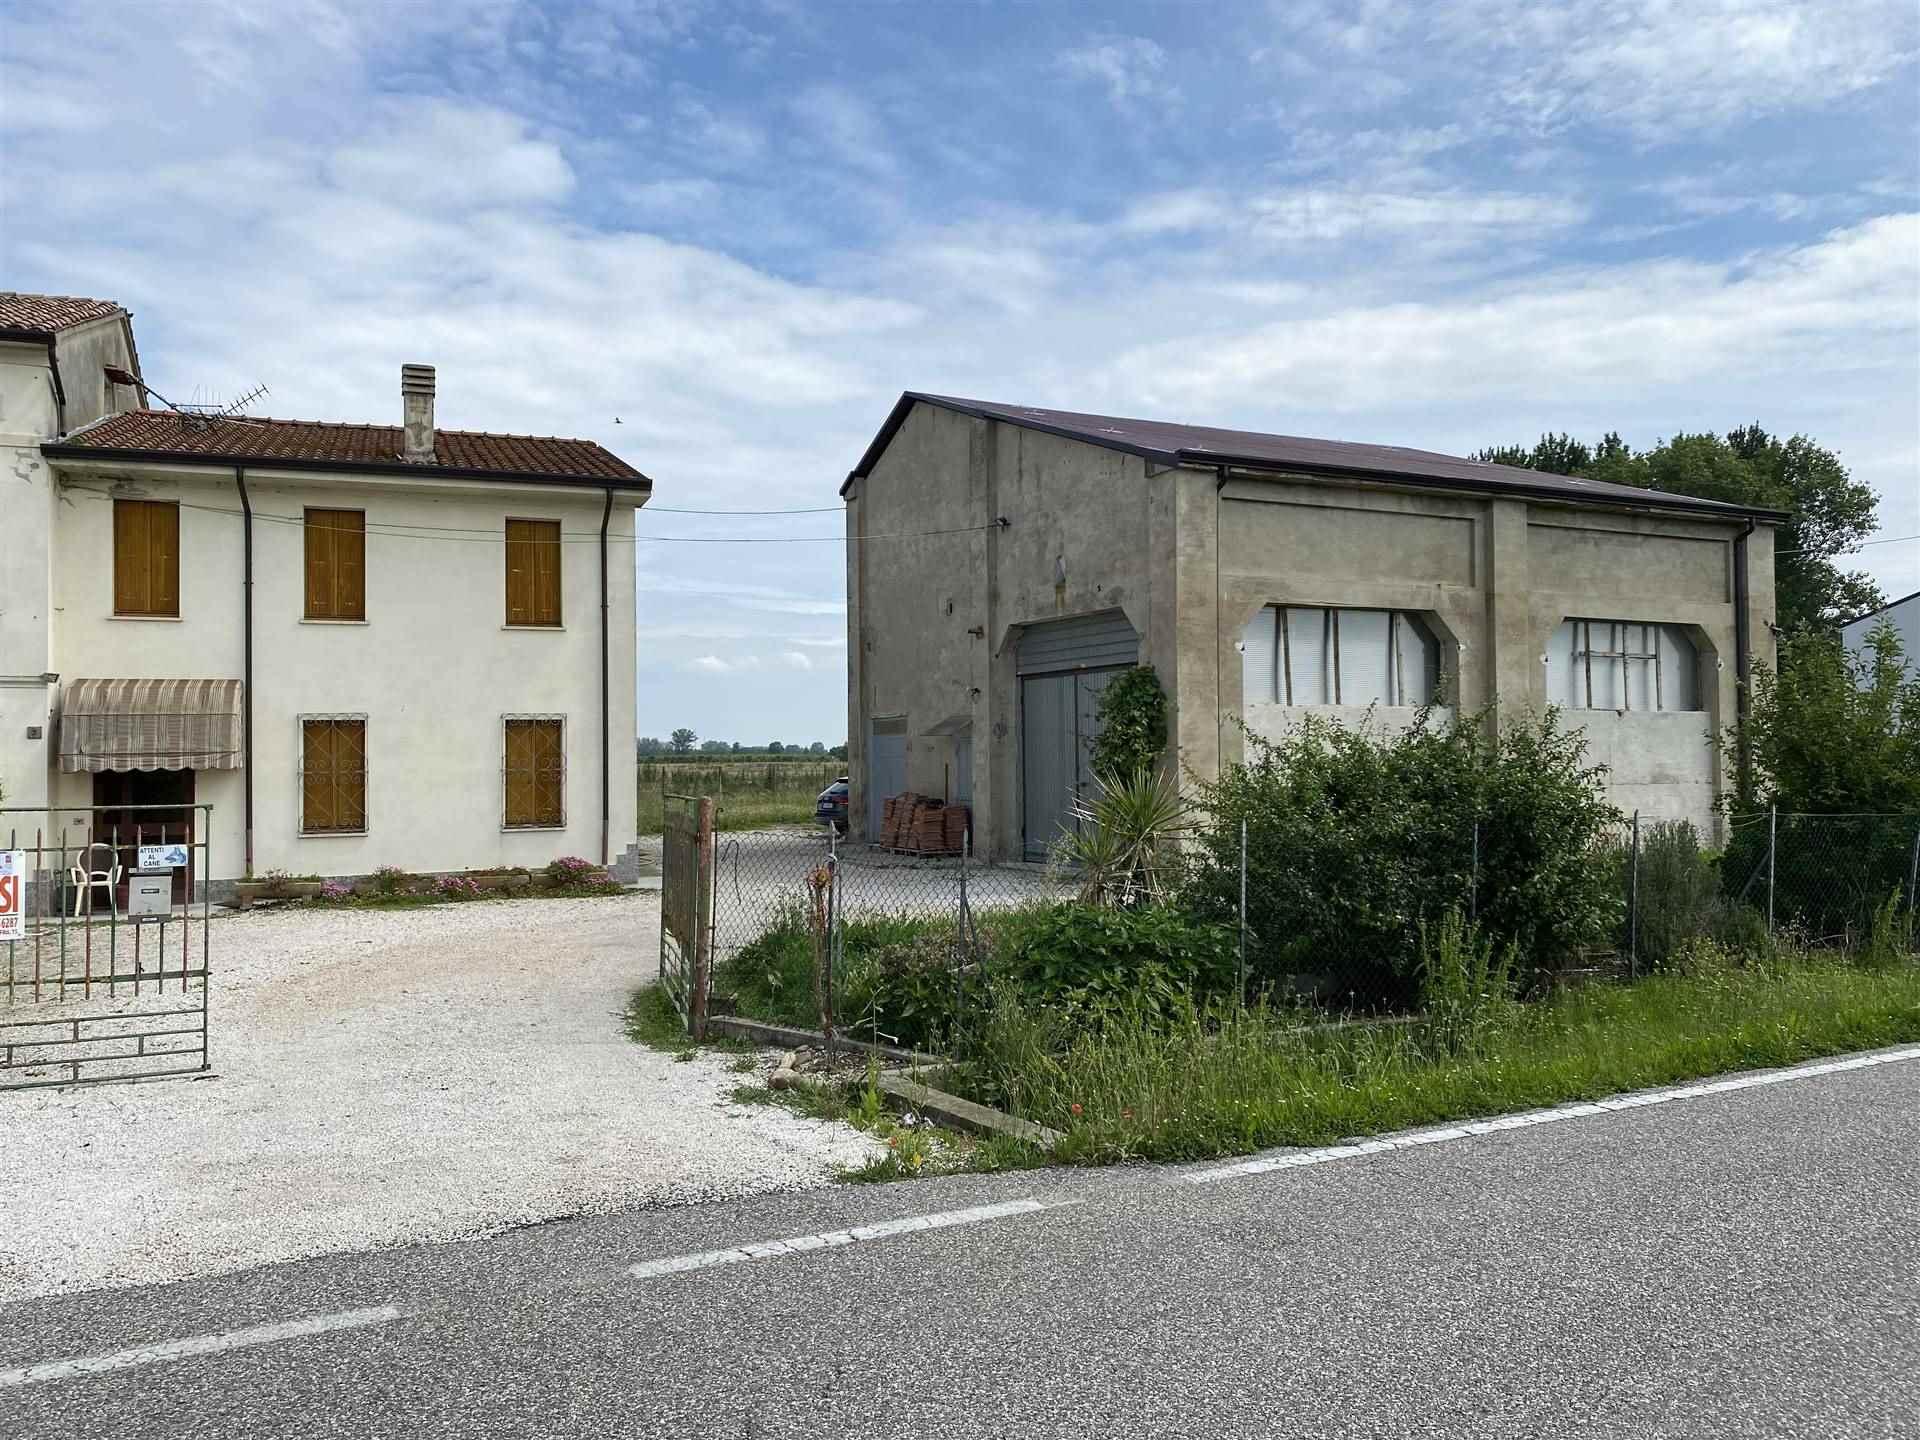 Rustico / Casale in vendita a Schivenoglia, 11 locali, Trattative riservate | CambioCasa.it